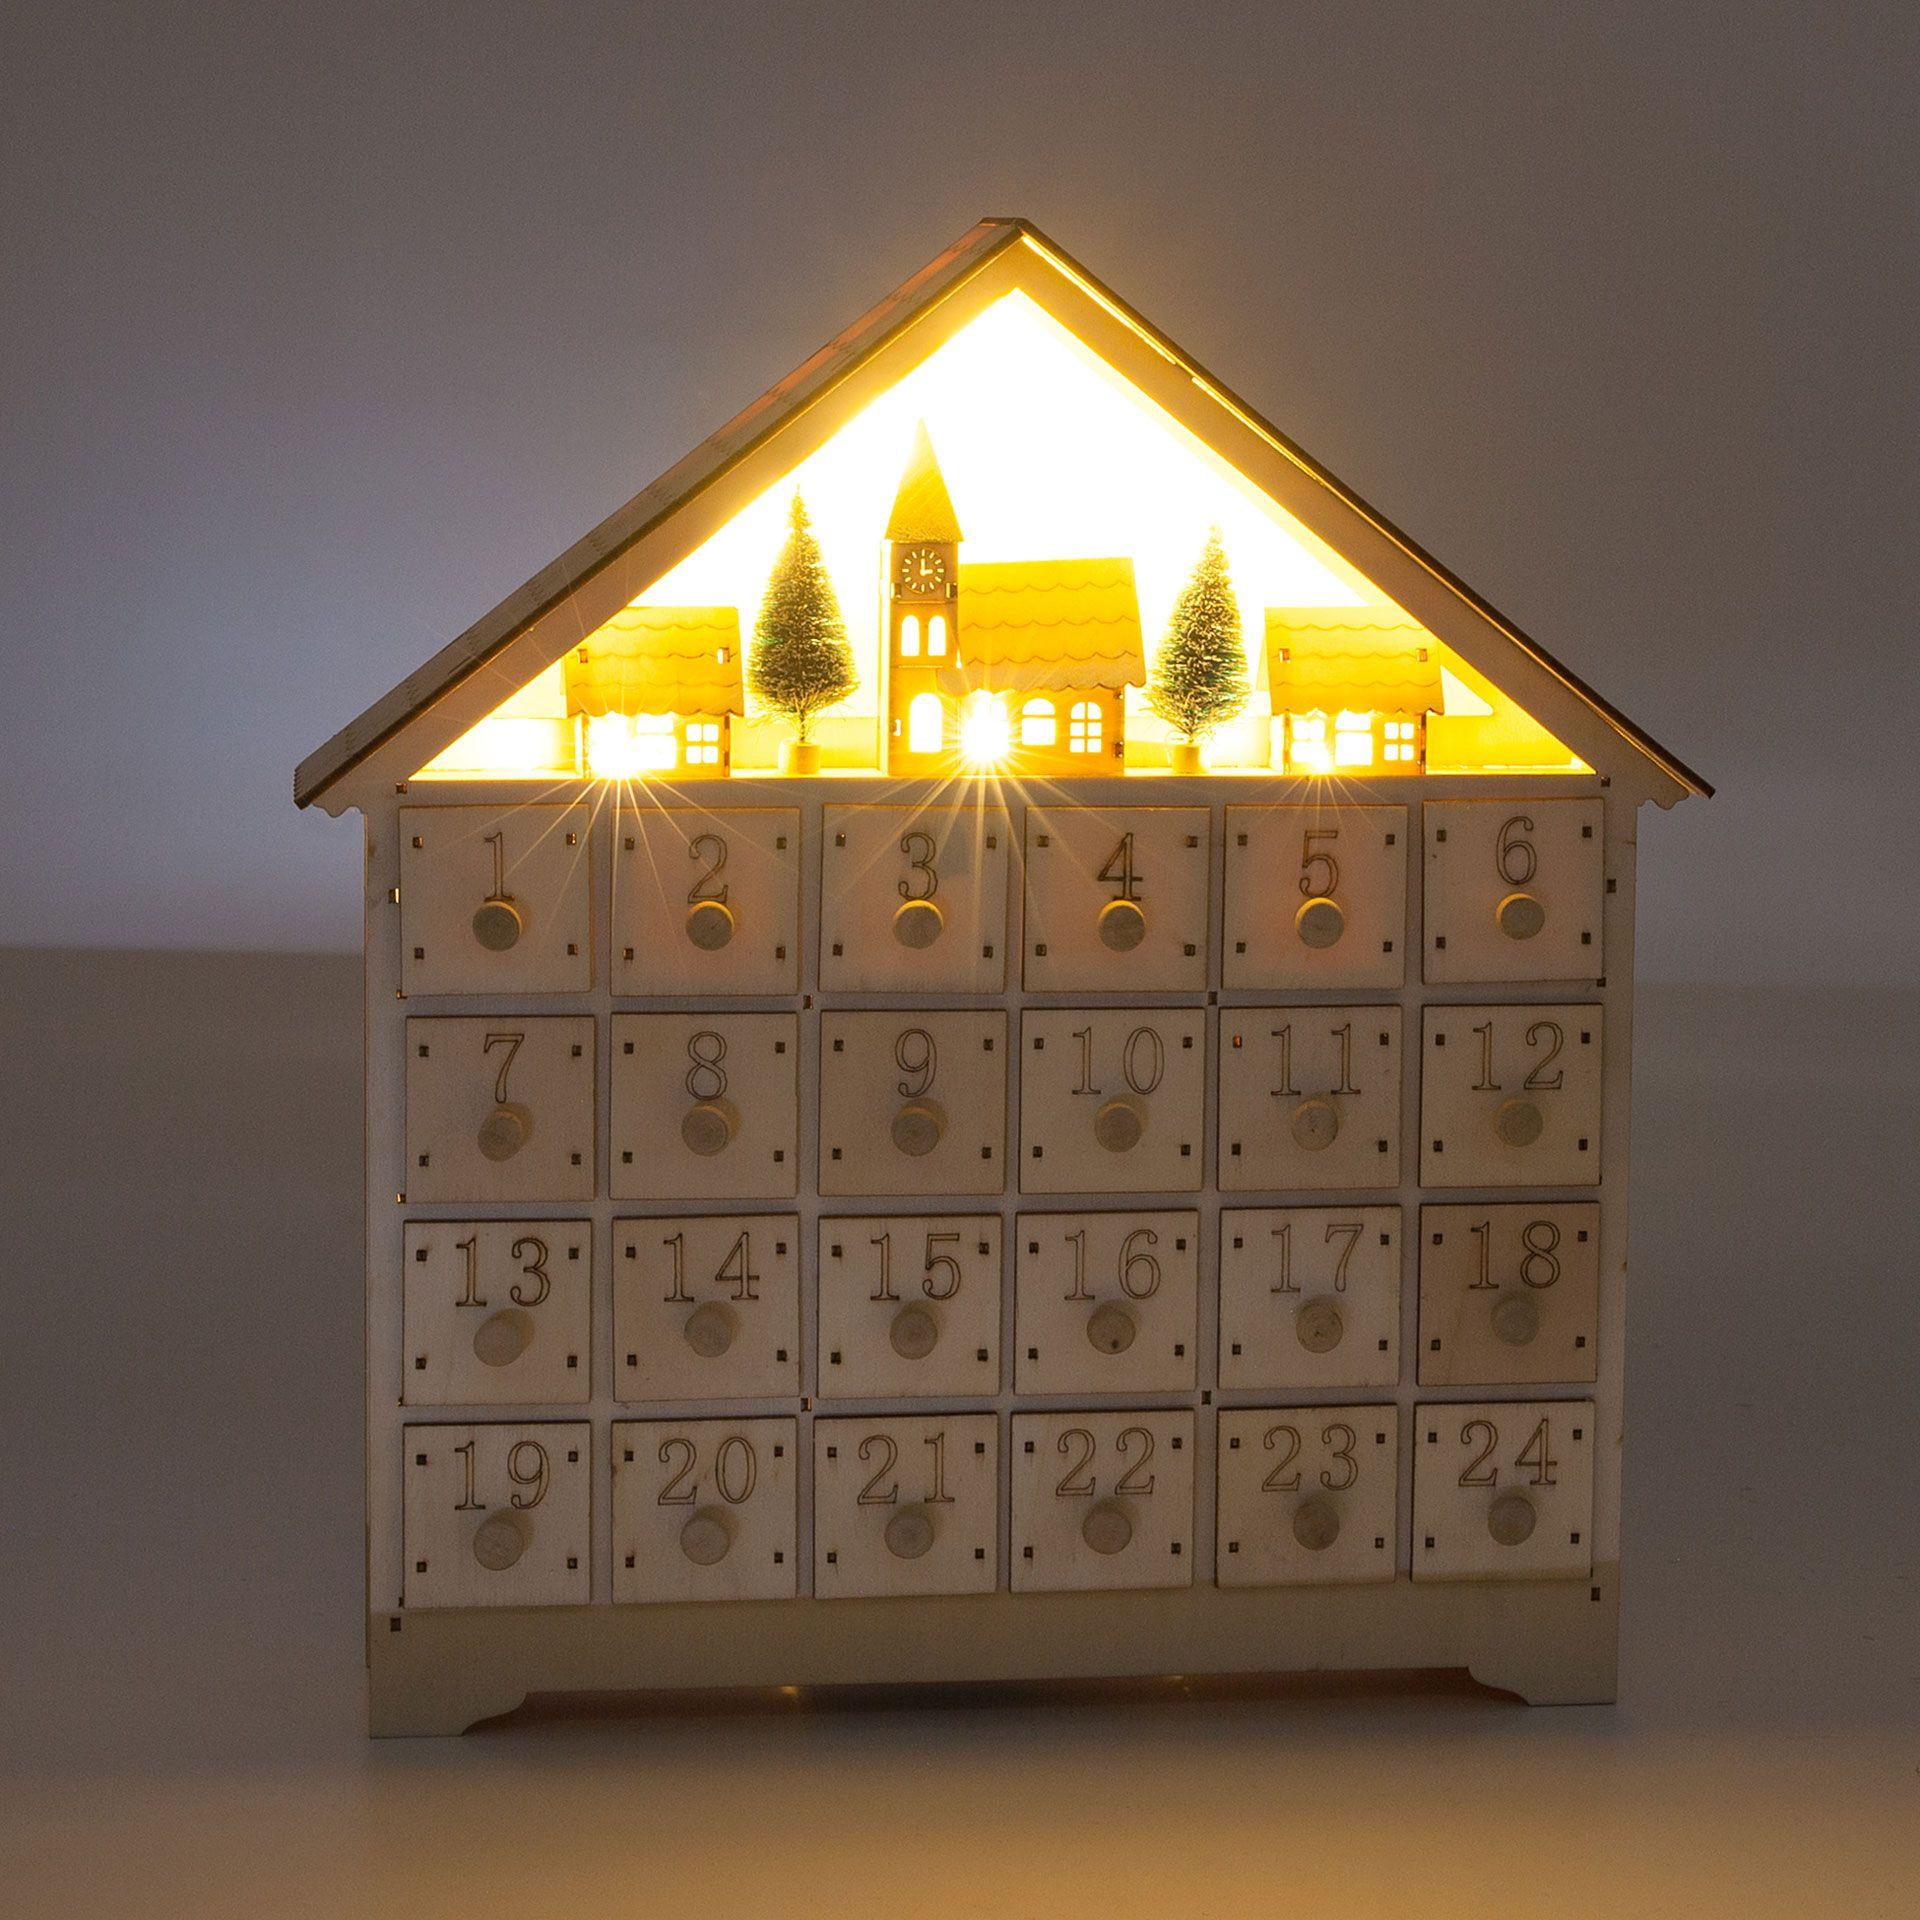 Calendario adviento cuadrado forma casa con luz - Decoración ...